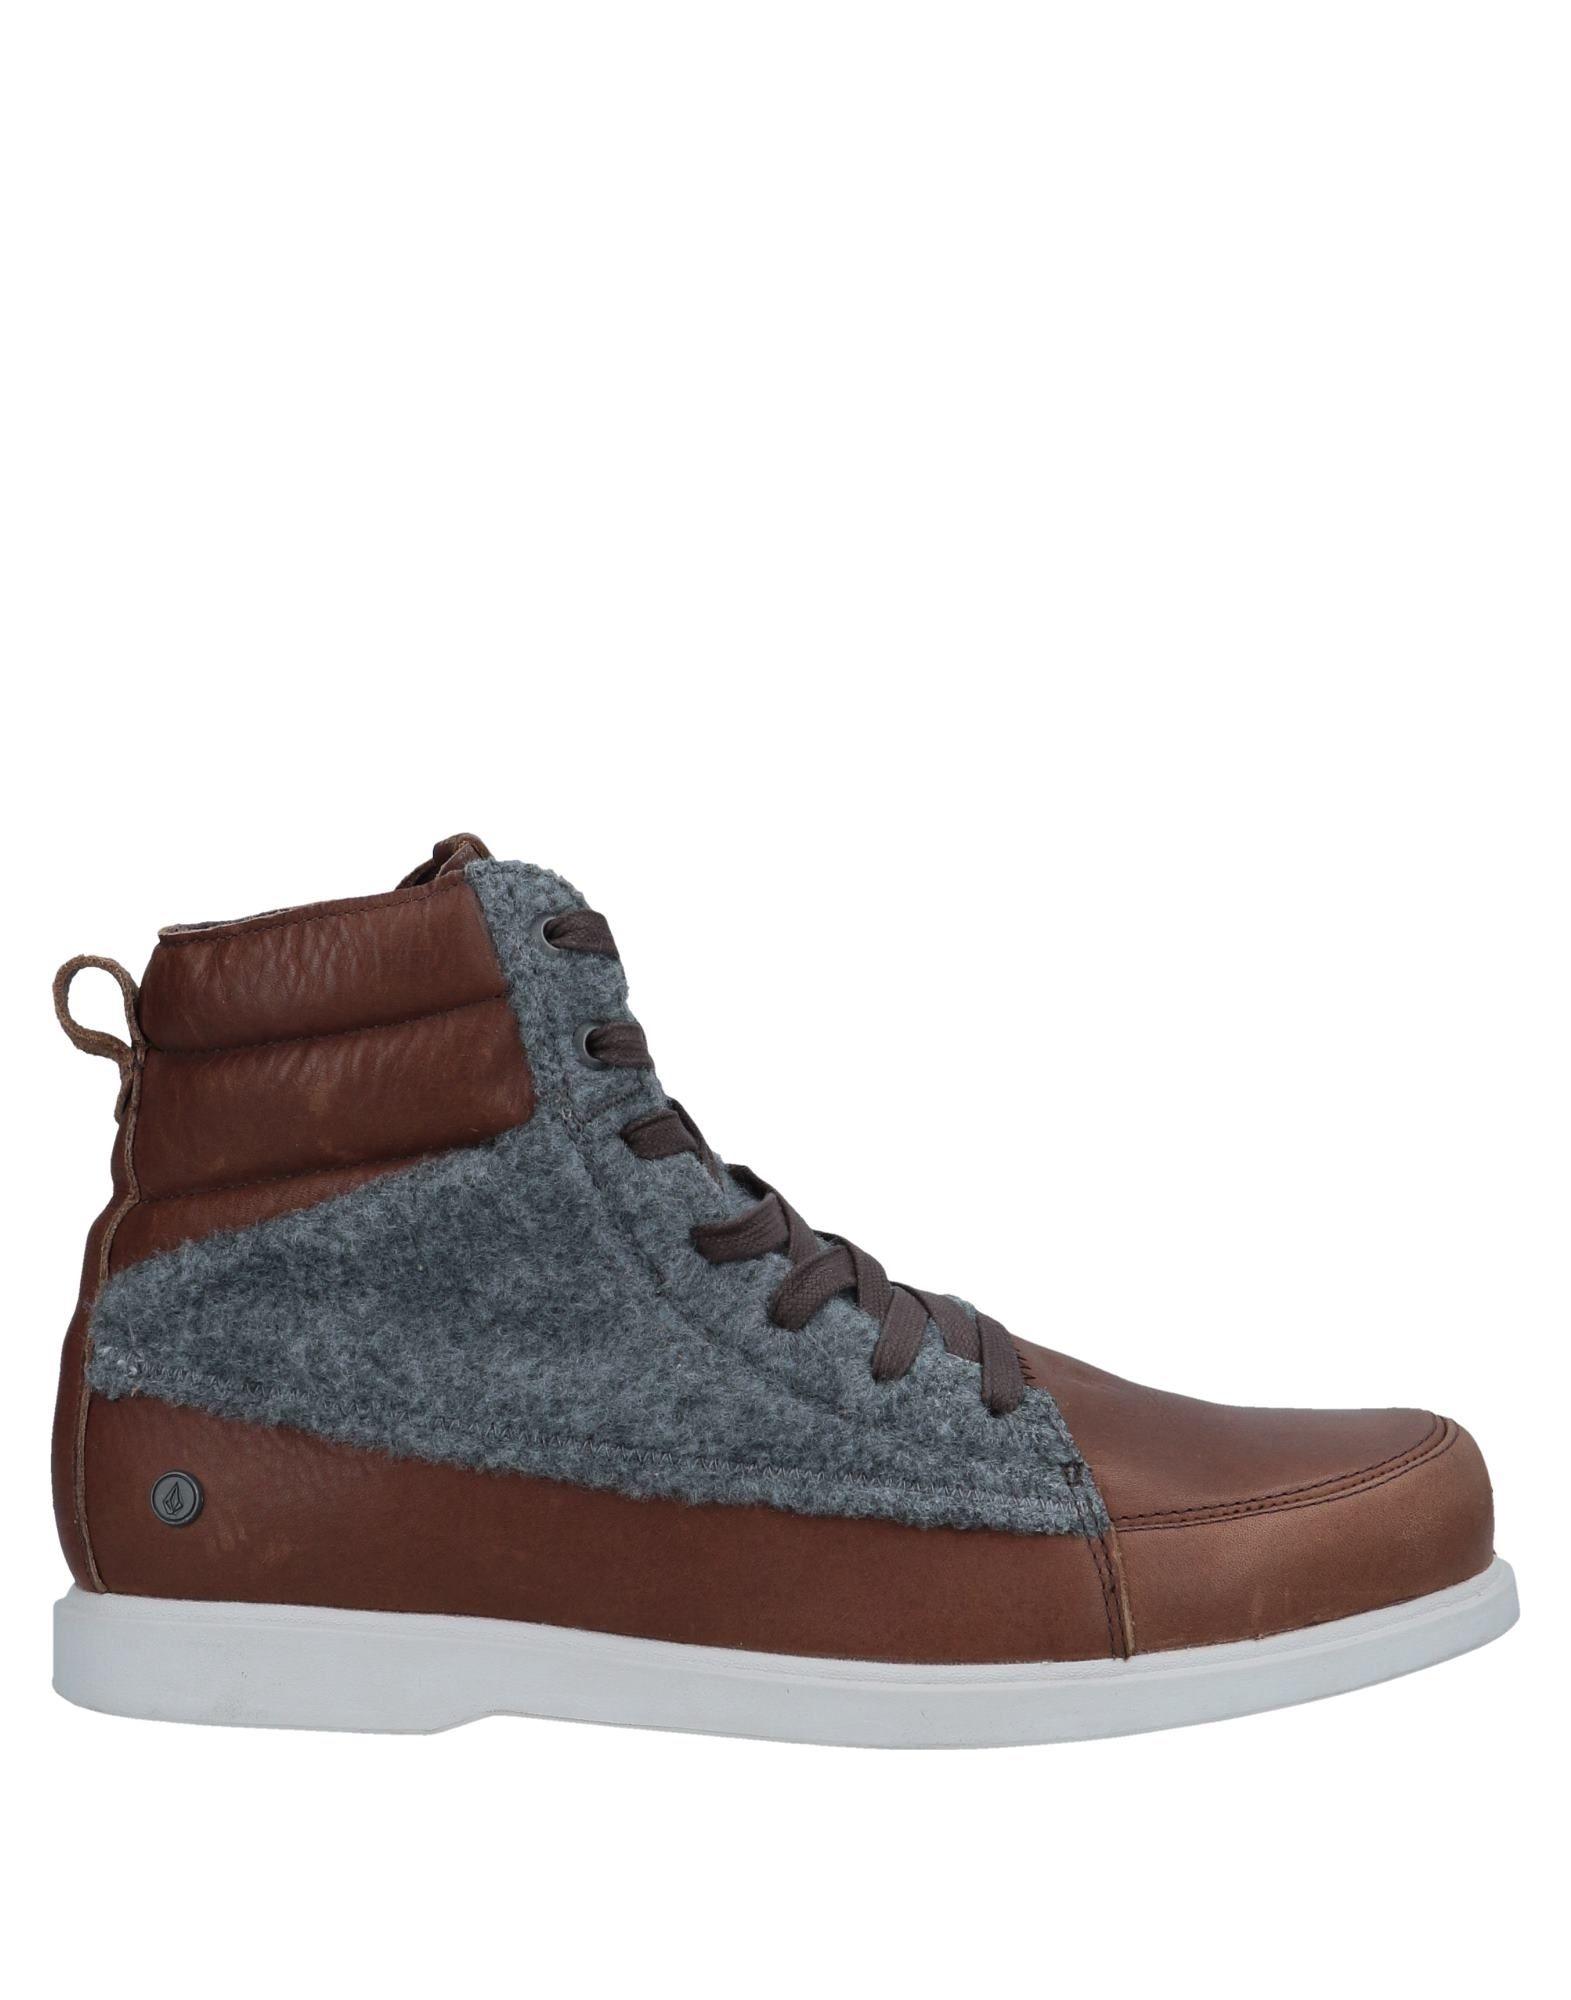 Rabatt echte Schuhe Volcom Sneakers Herren  11555965IH